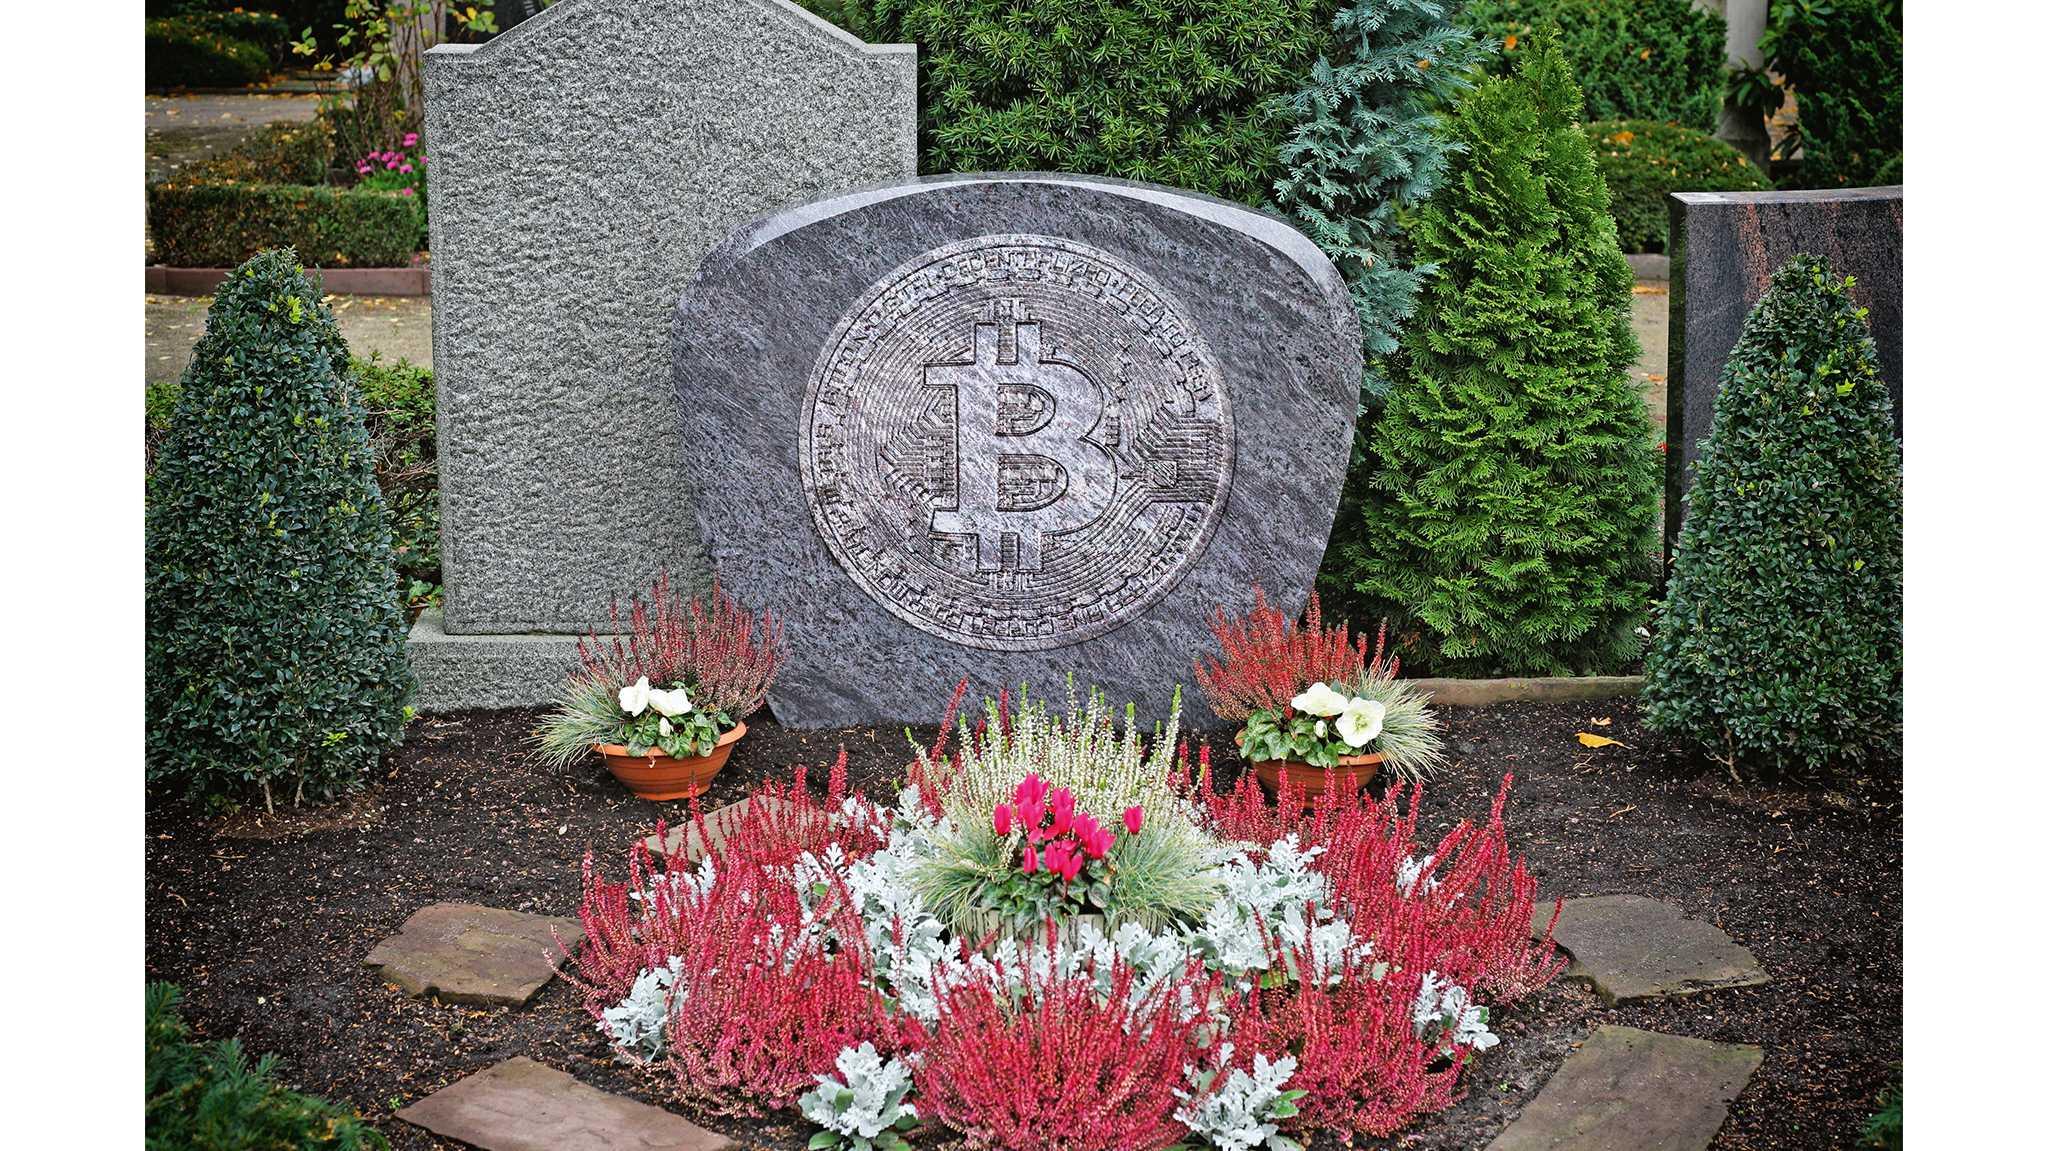 Tausende Bitcoins als Grabbeigabe